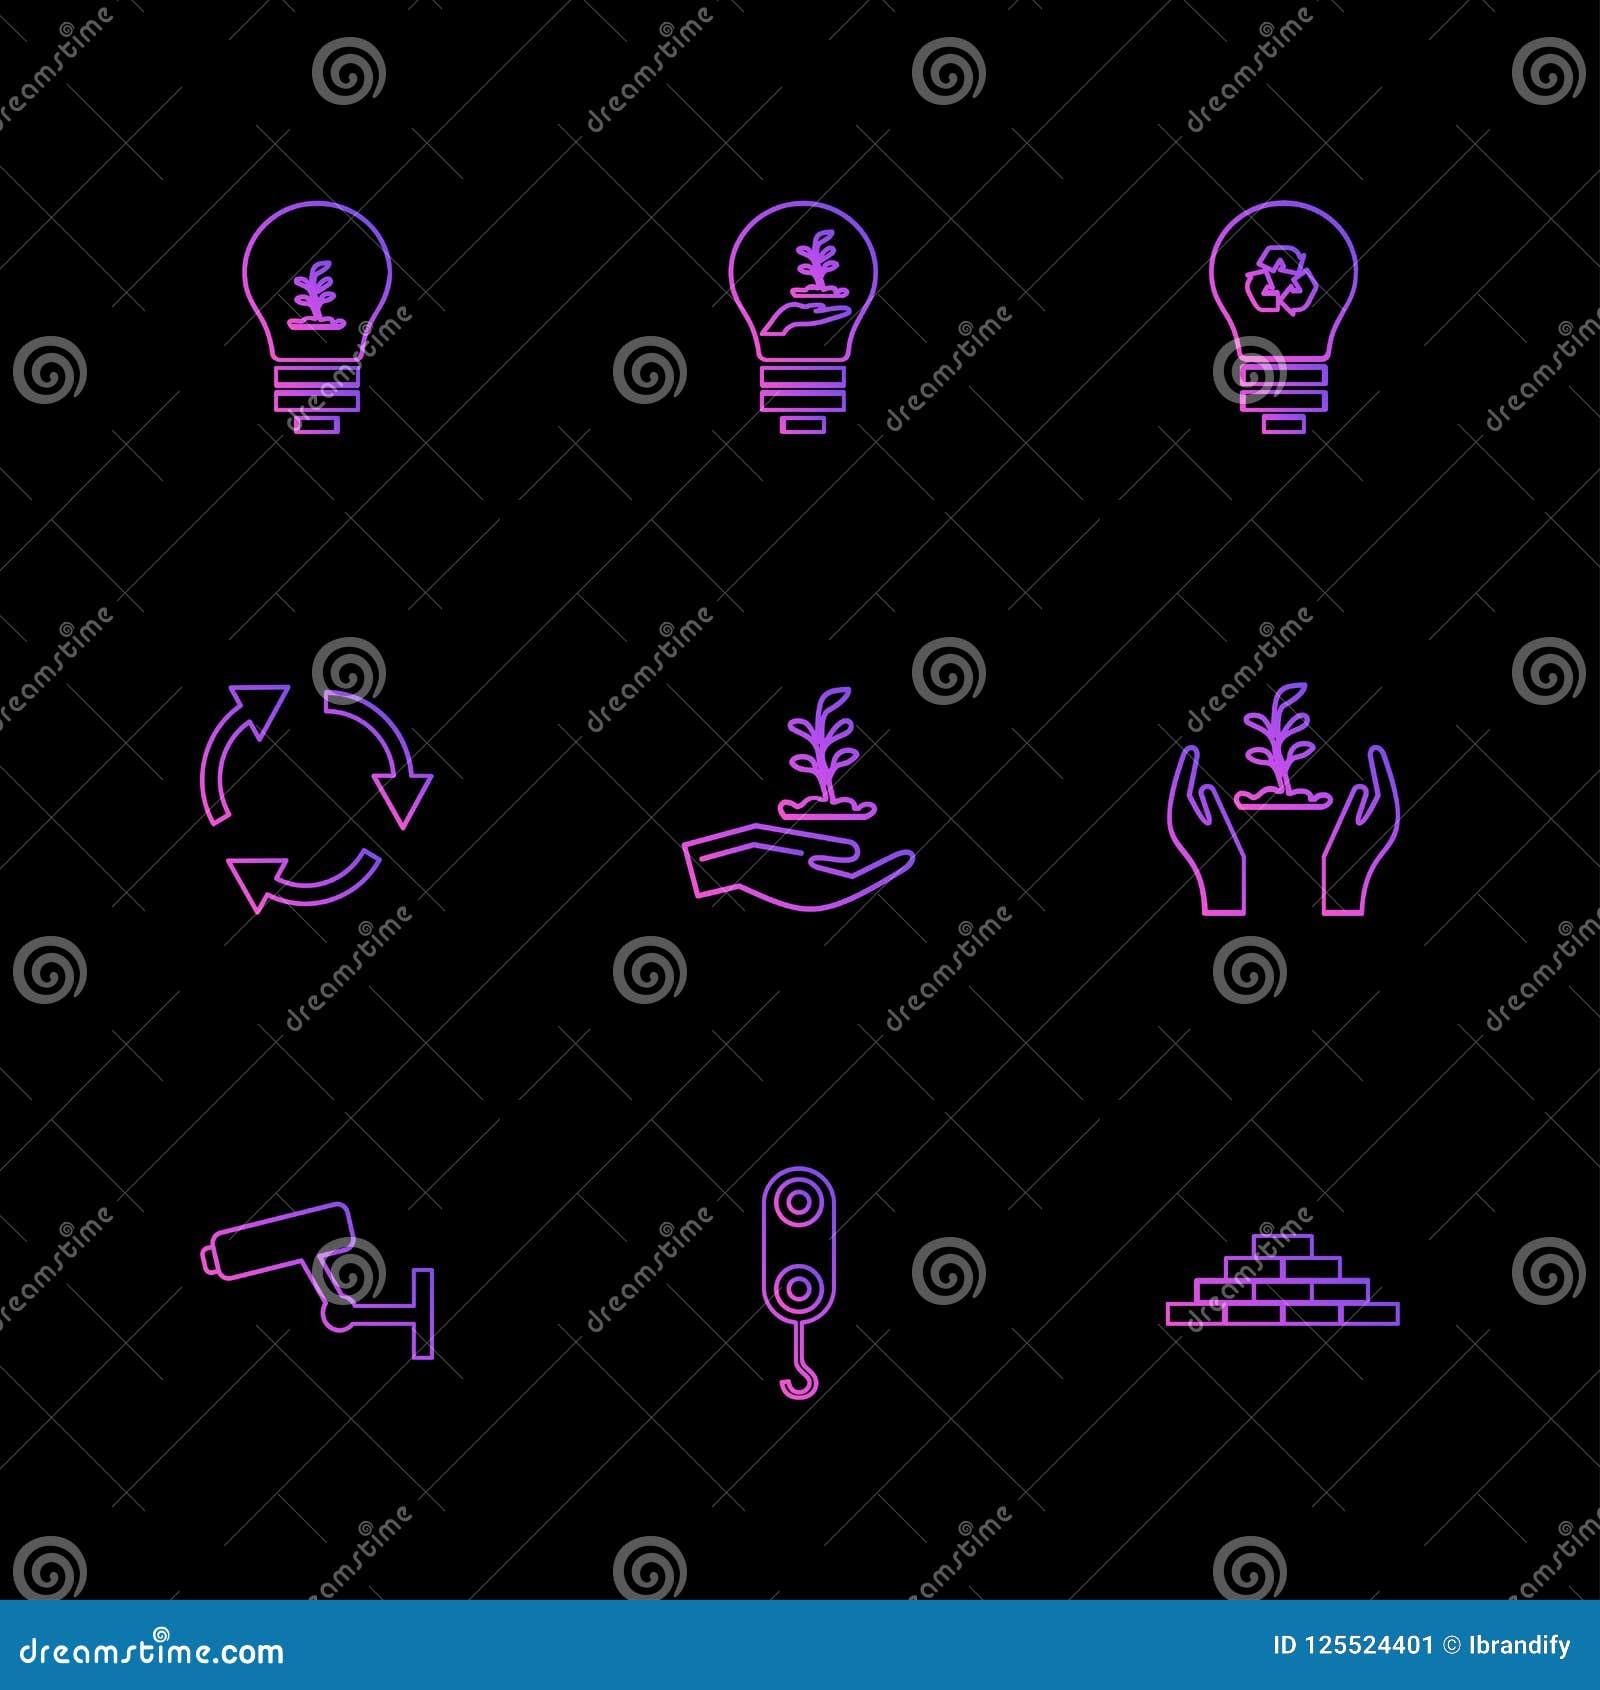 Appareil-photo, grue, briques, ampoule, écologie, économies, nature, recyc